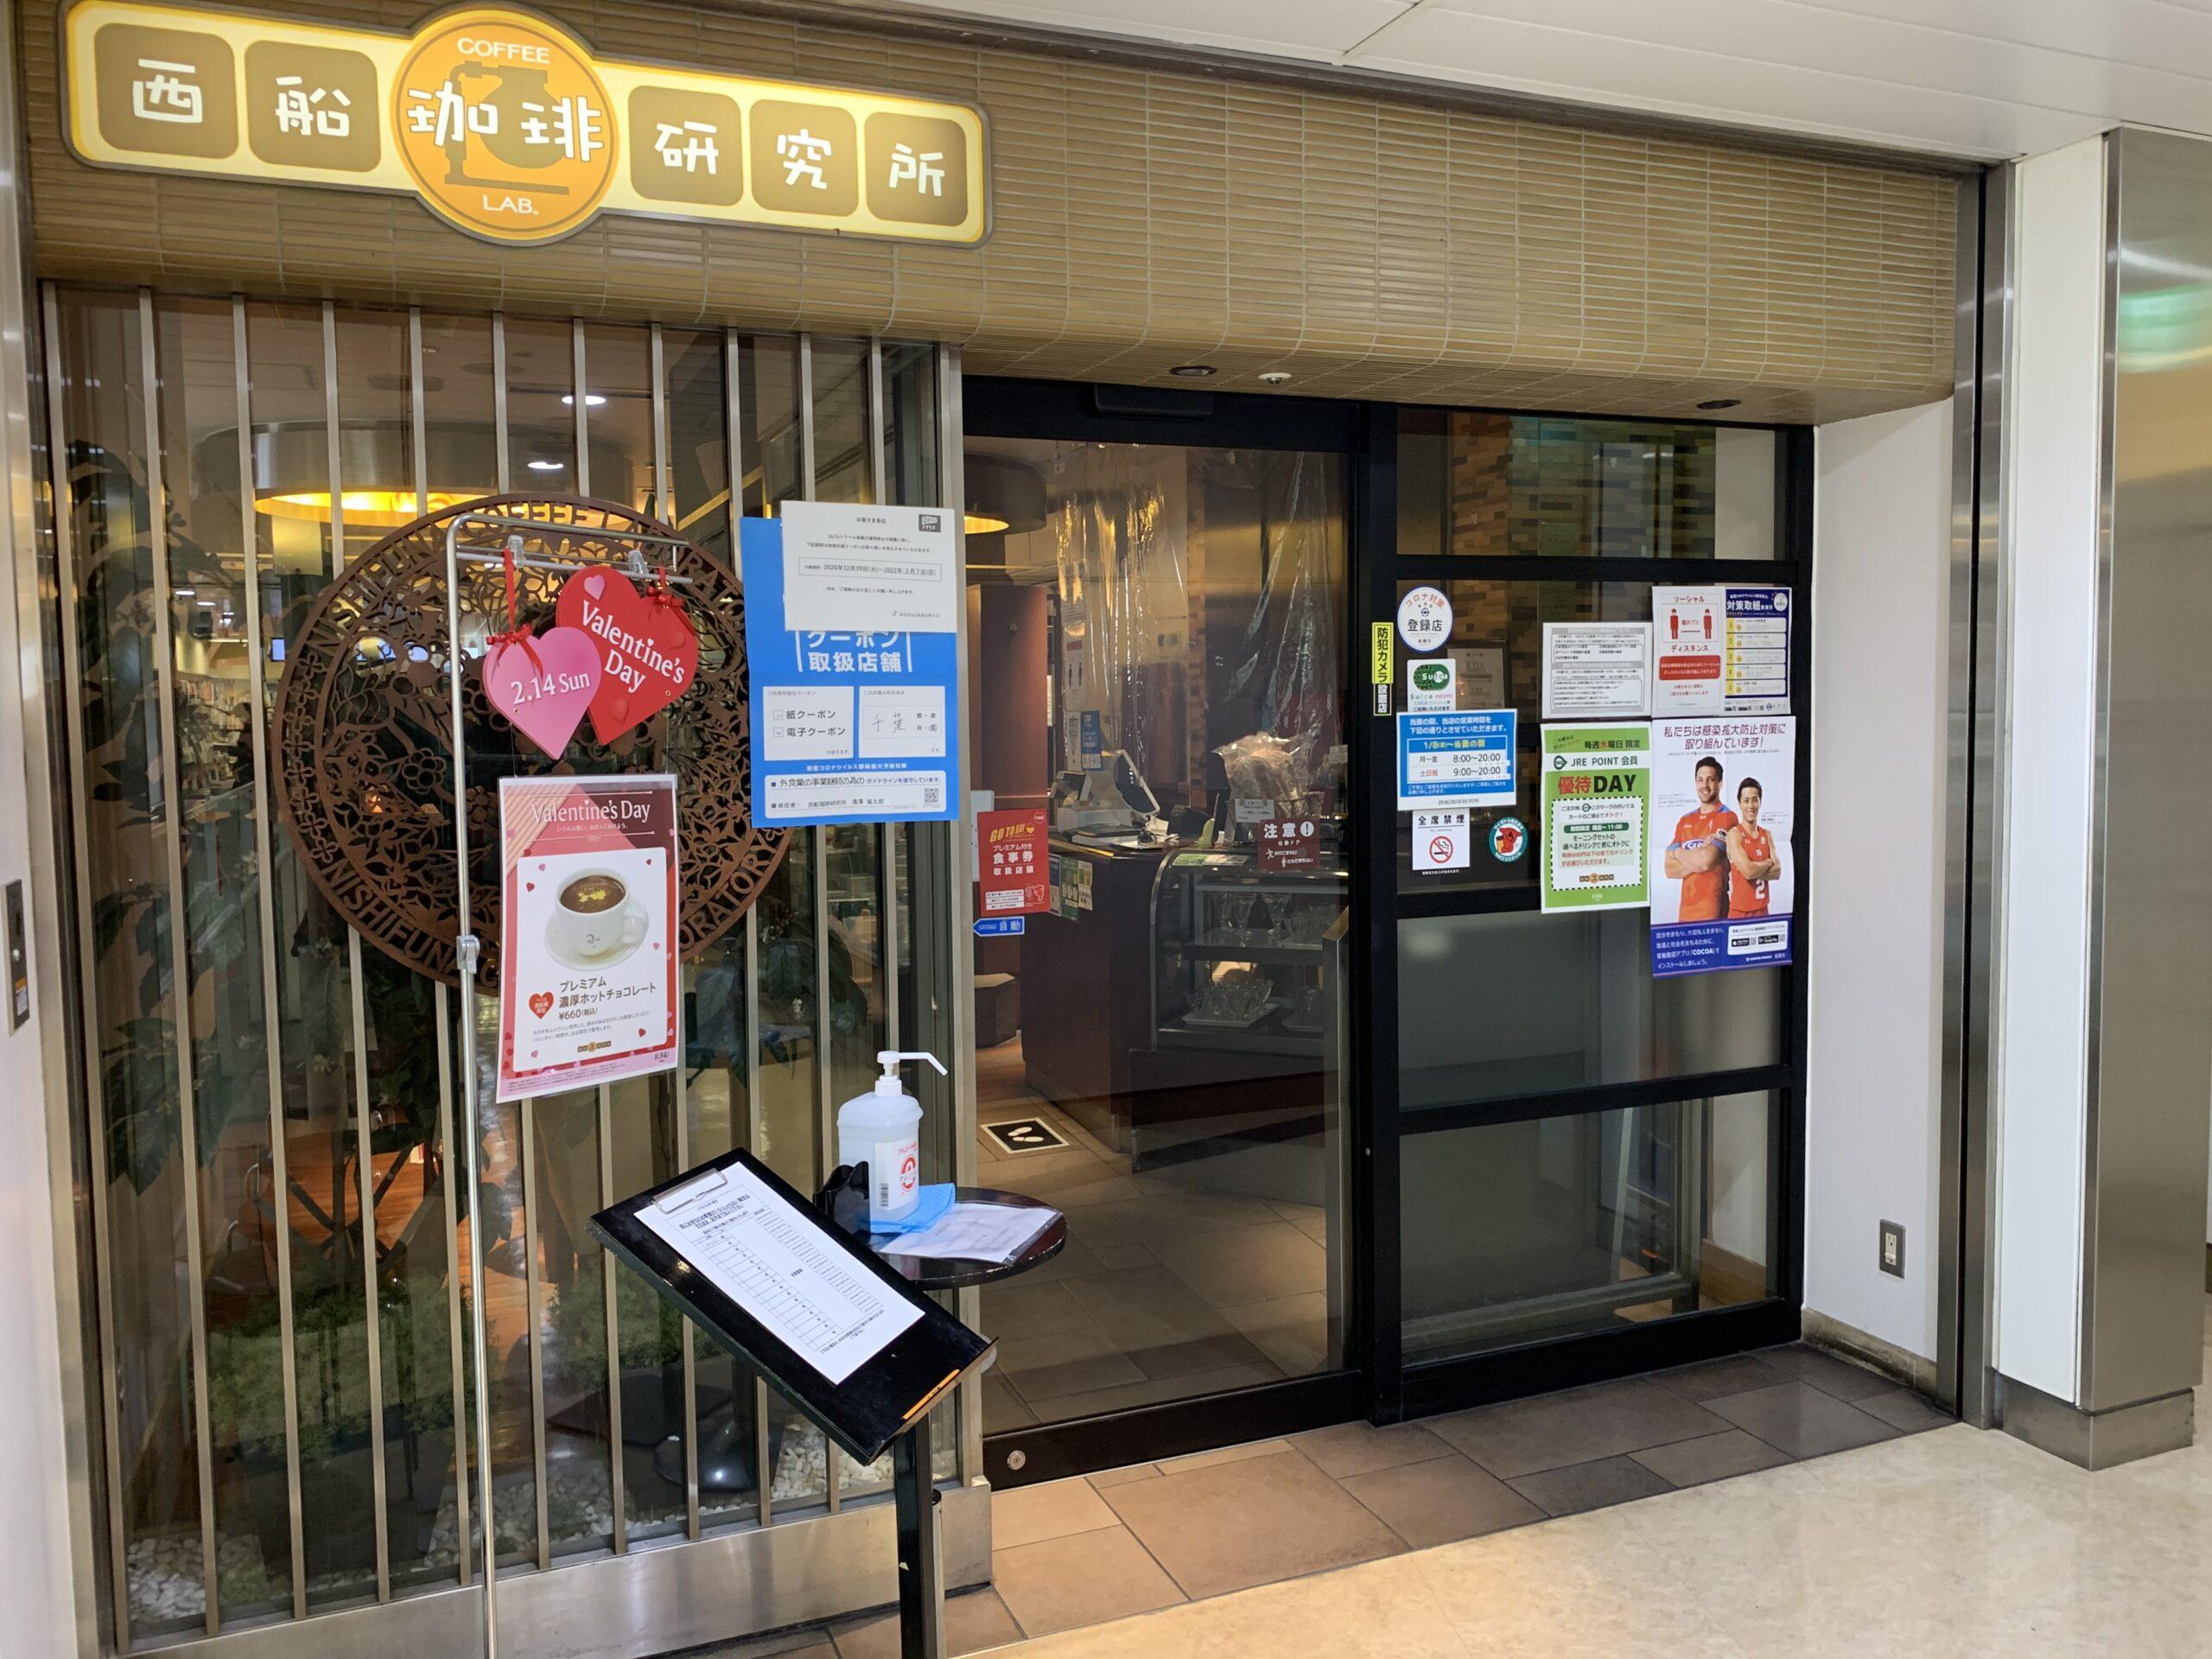 JR西船橋駅改札内 西船珈琲研究所